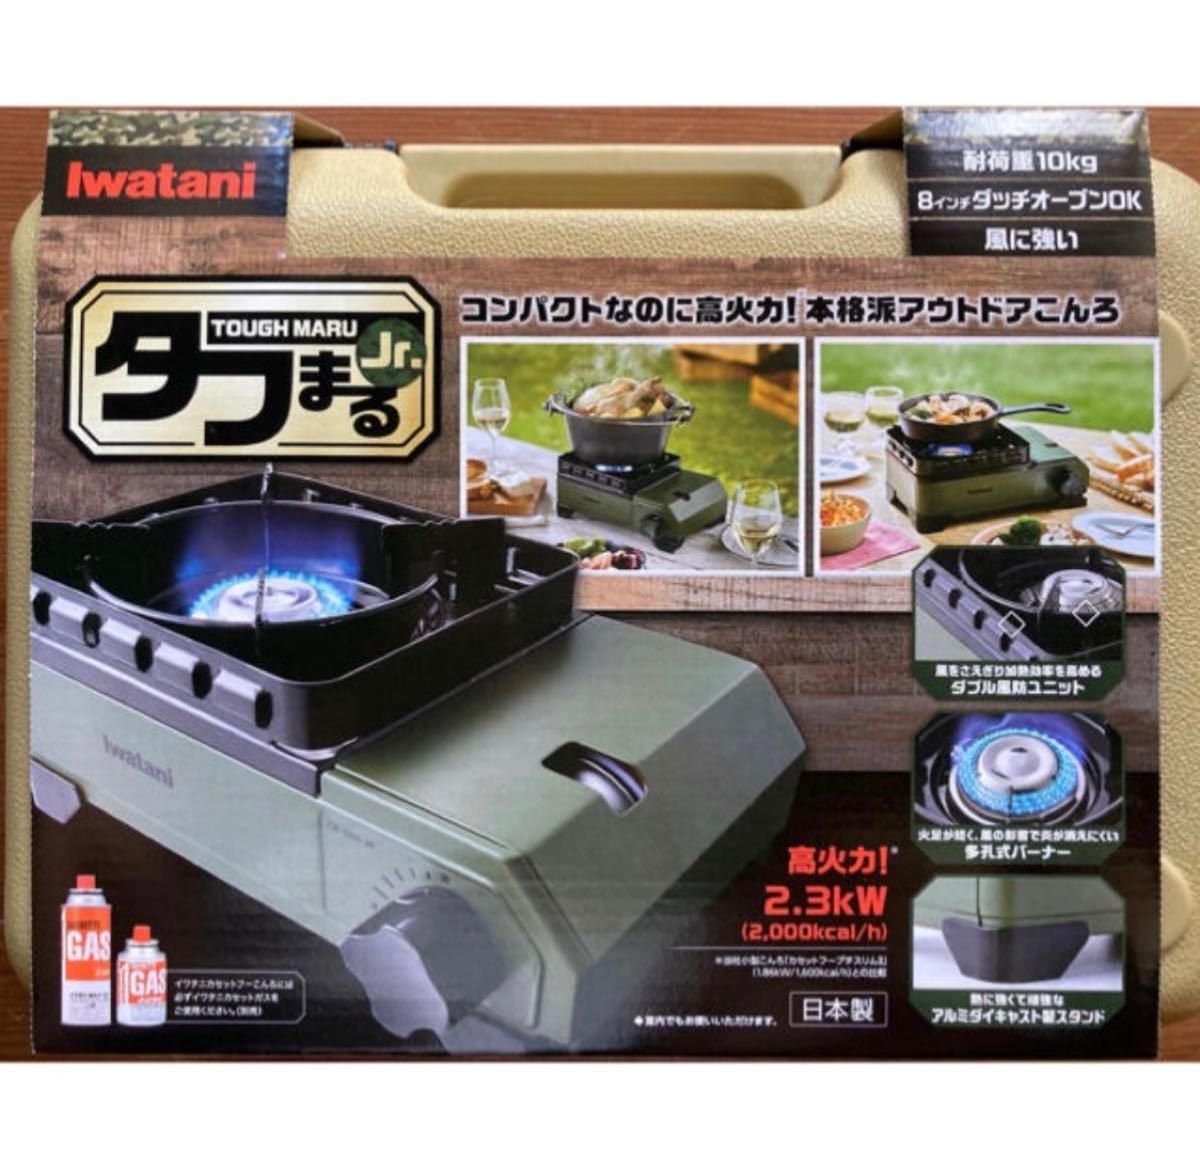 【新品未使用】Iwatani カセットコンロ タフまるJr. こんろ カセットフー